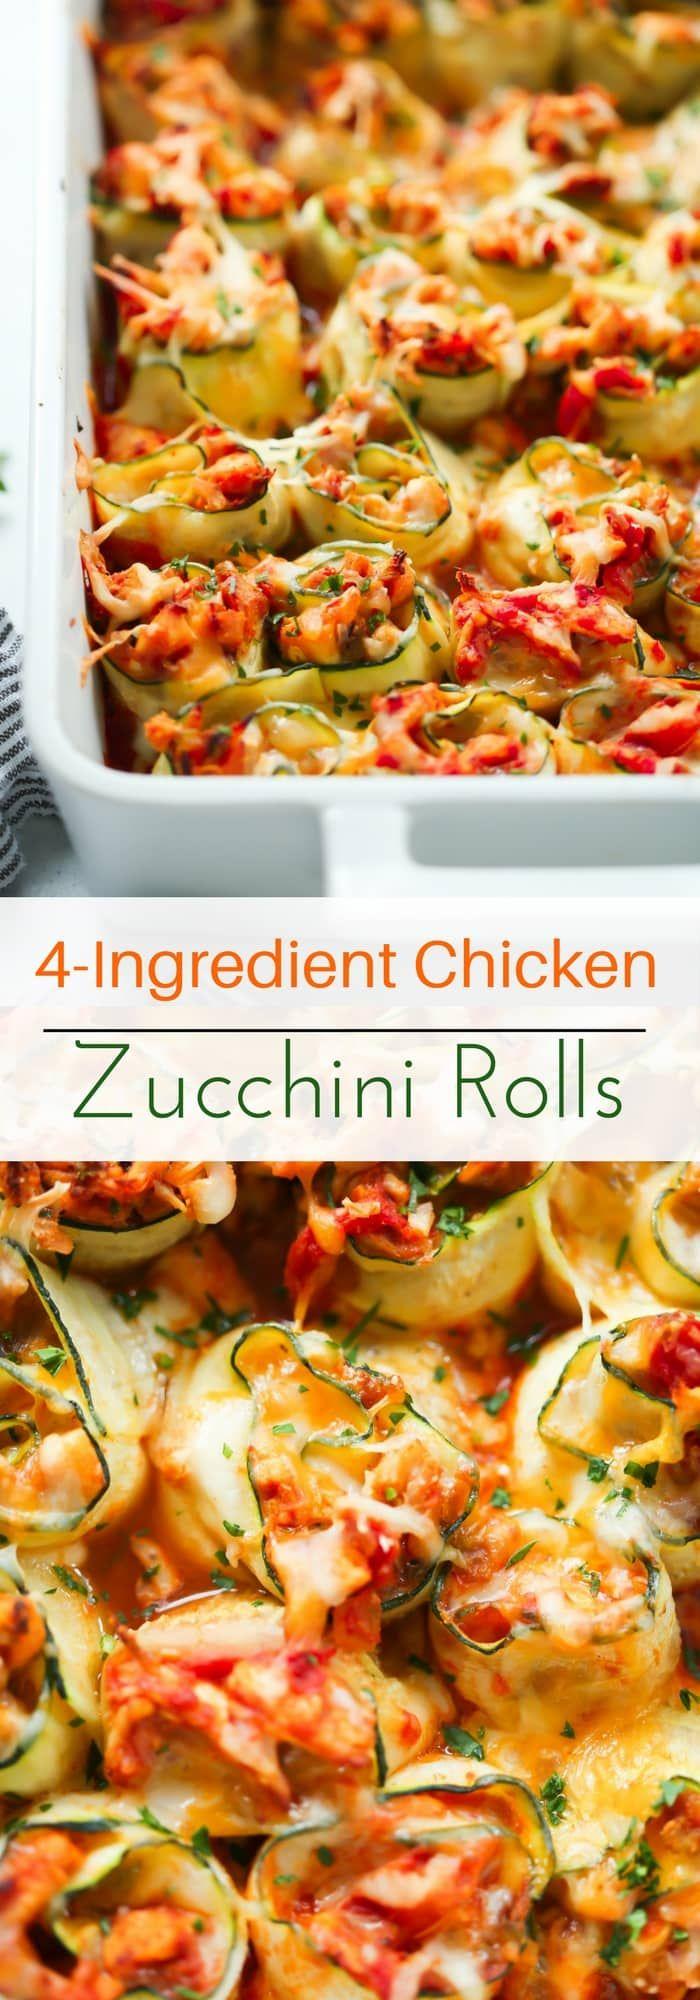 4-Ingredient Chicken Zucchini Rolls